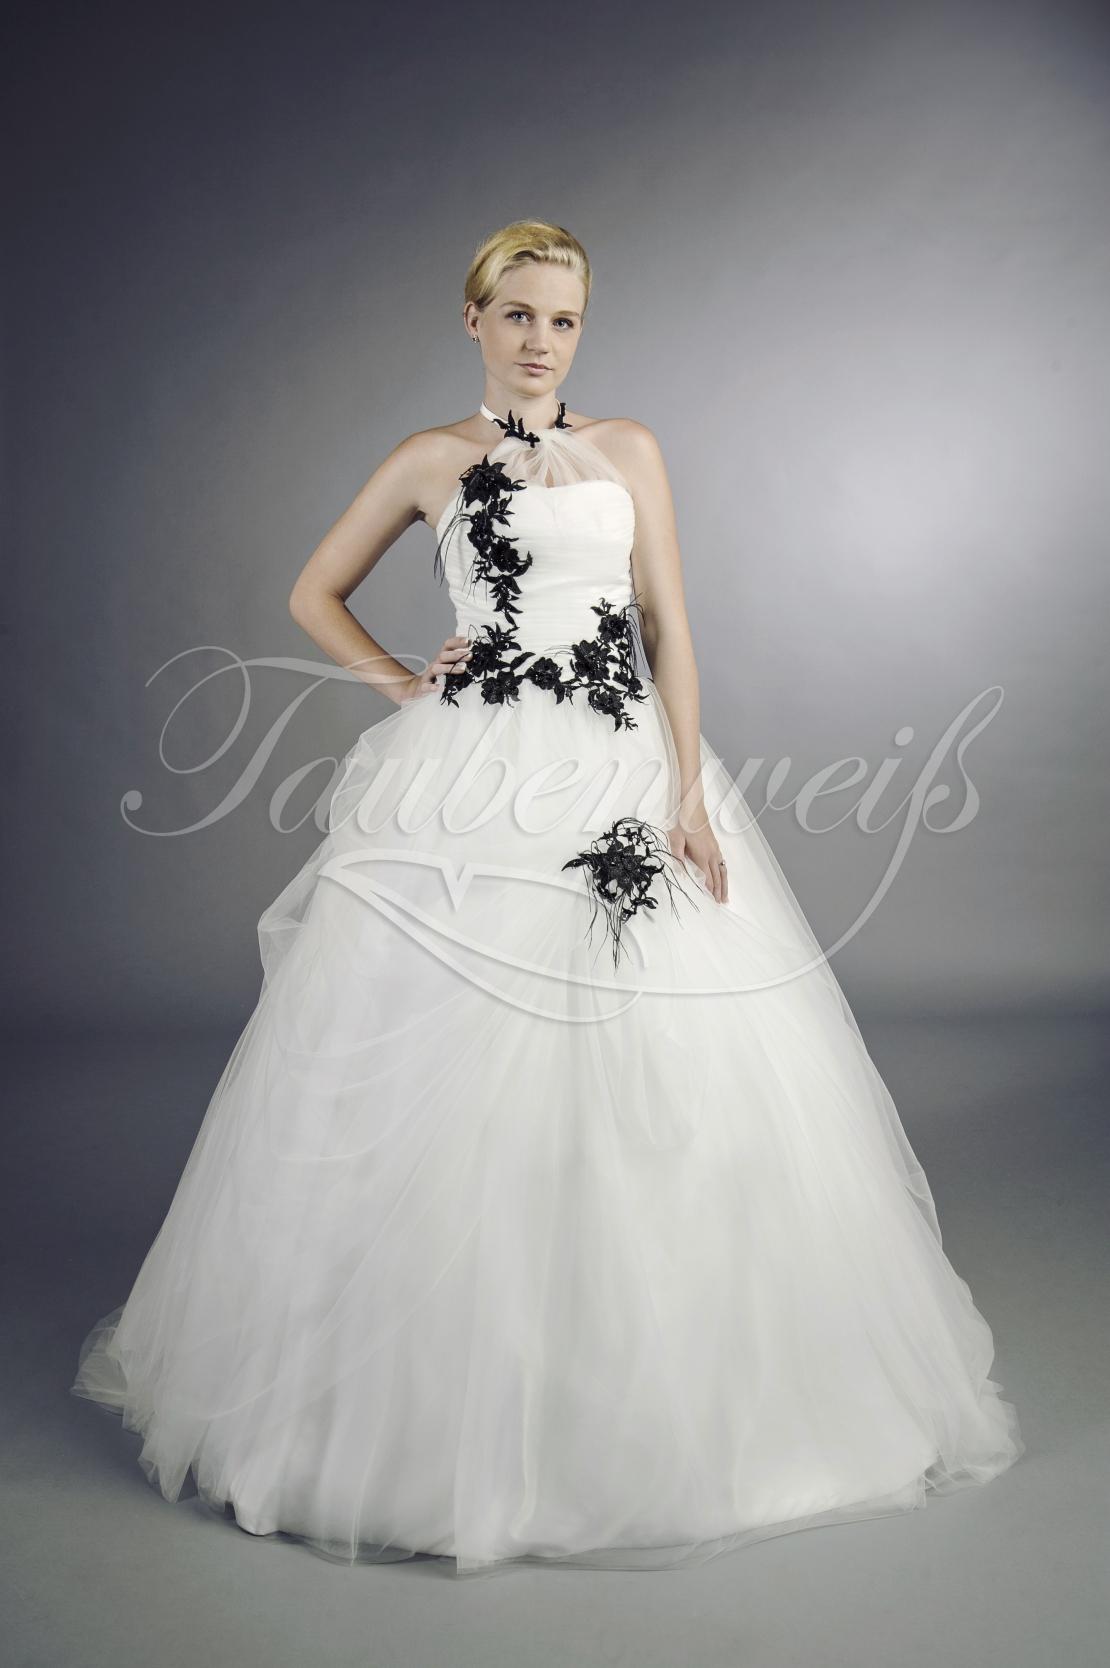 Brautkleid TW12B - schwarz weiß A-Linie extravagant Federn Neckholder  Gothic